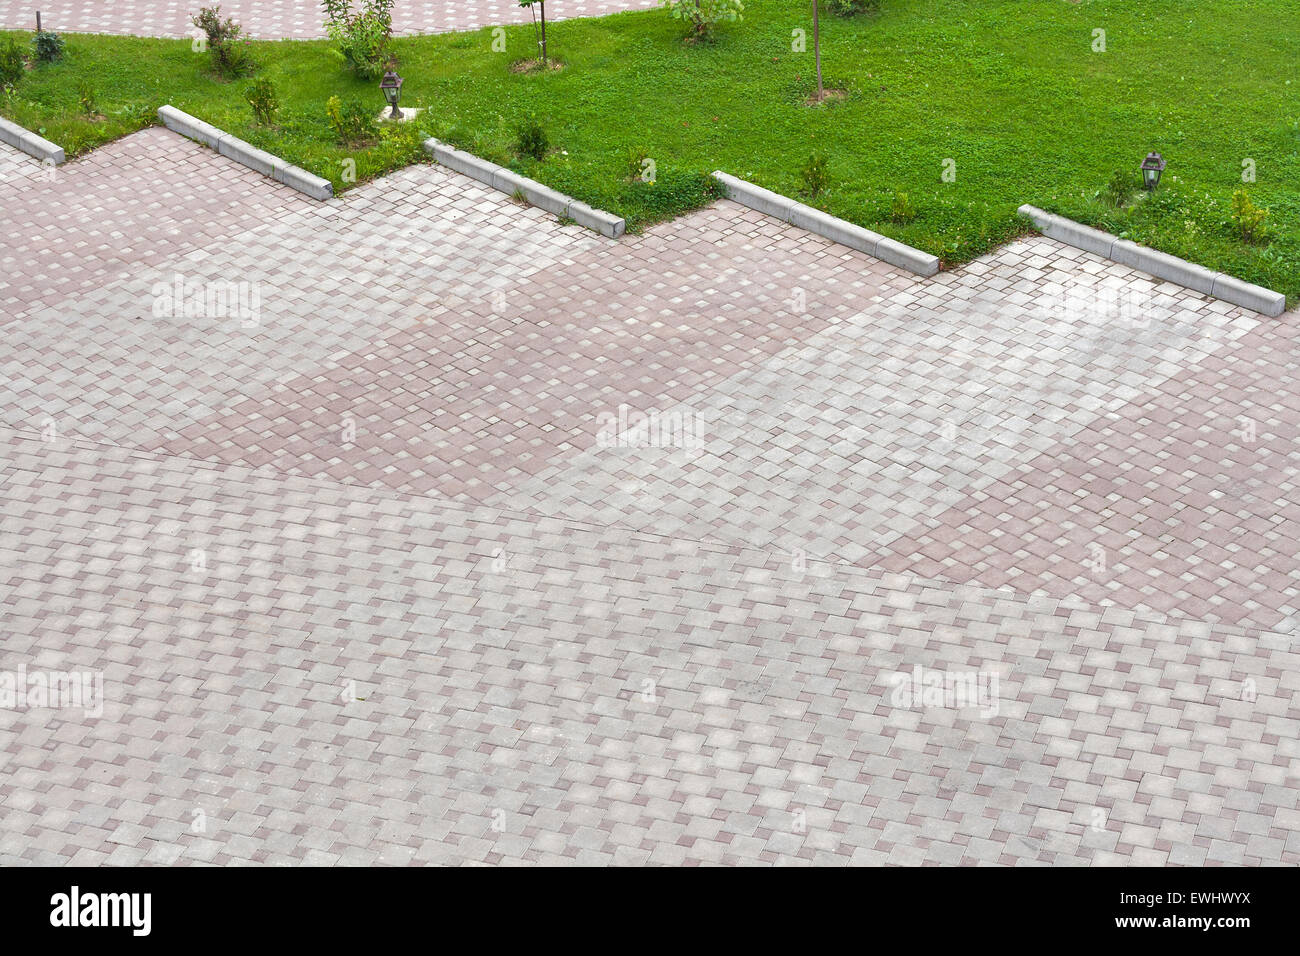 Pavimenti da parcheggio in erba aree verdi soluzione parcheggio